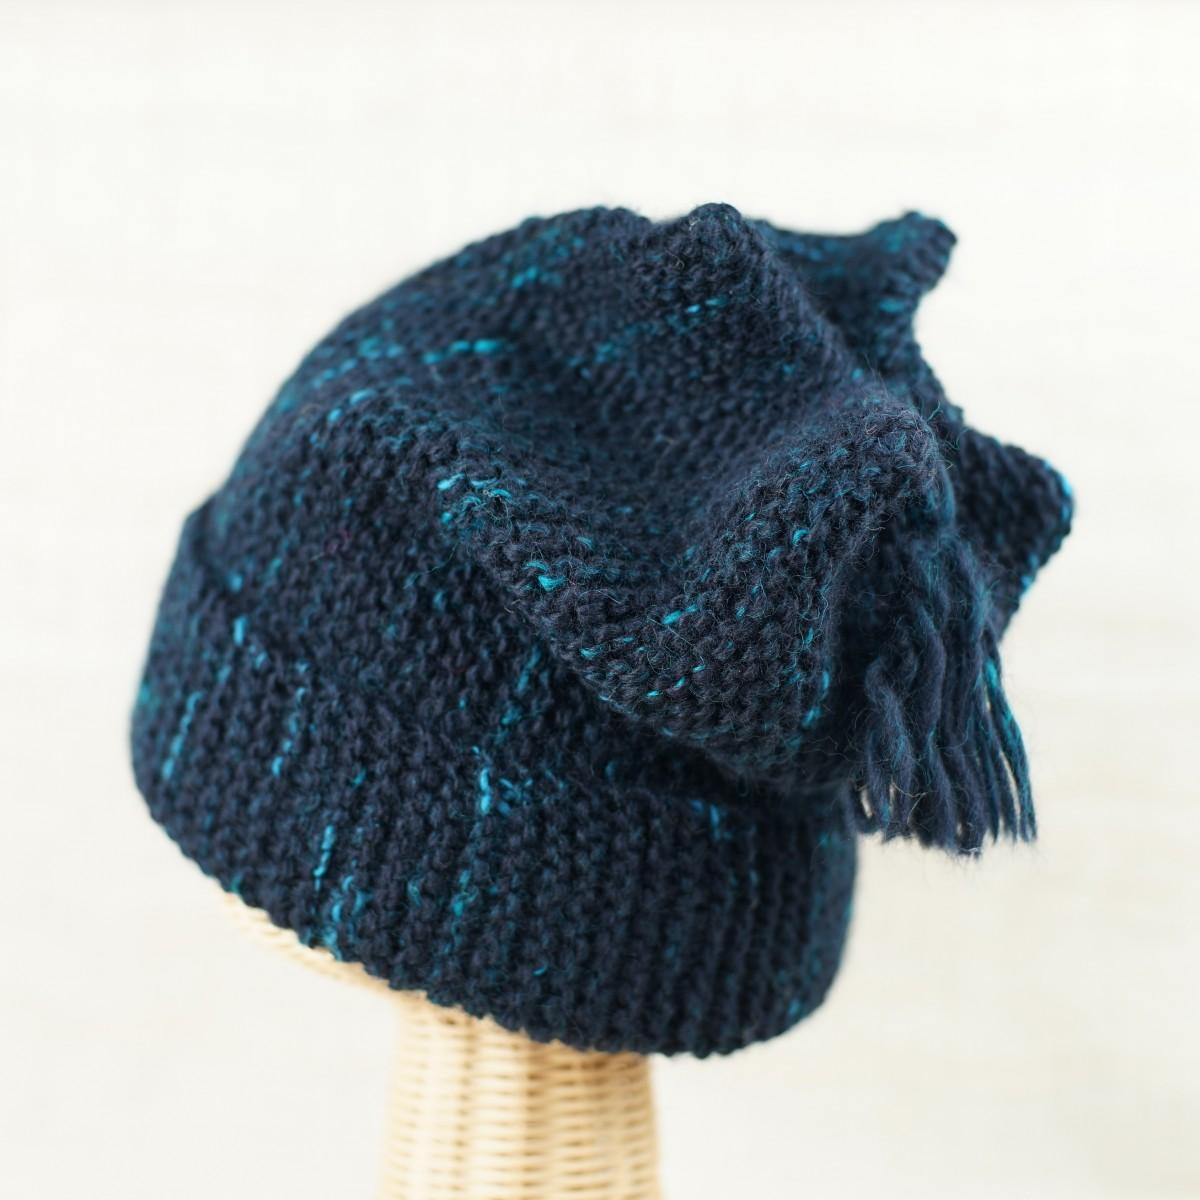 手紡ぎ糸の帽子/藍染め風に仕上げたくて、染色コリデールの濃紺をベースに、トルコブルーを散らしてツイード風に